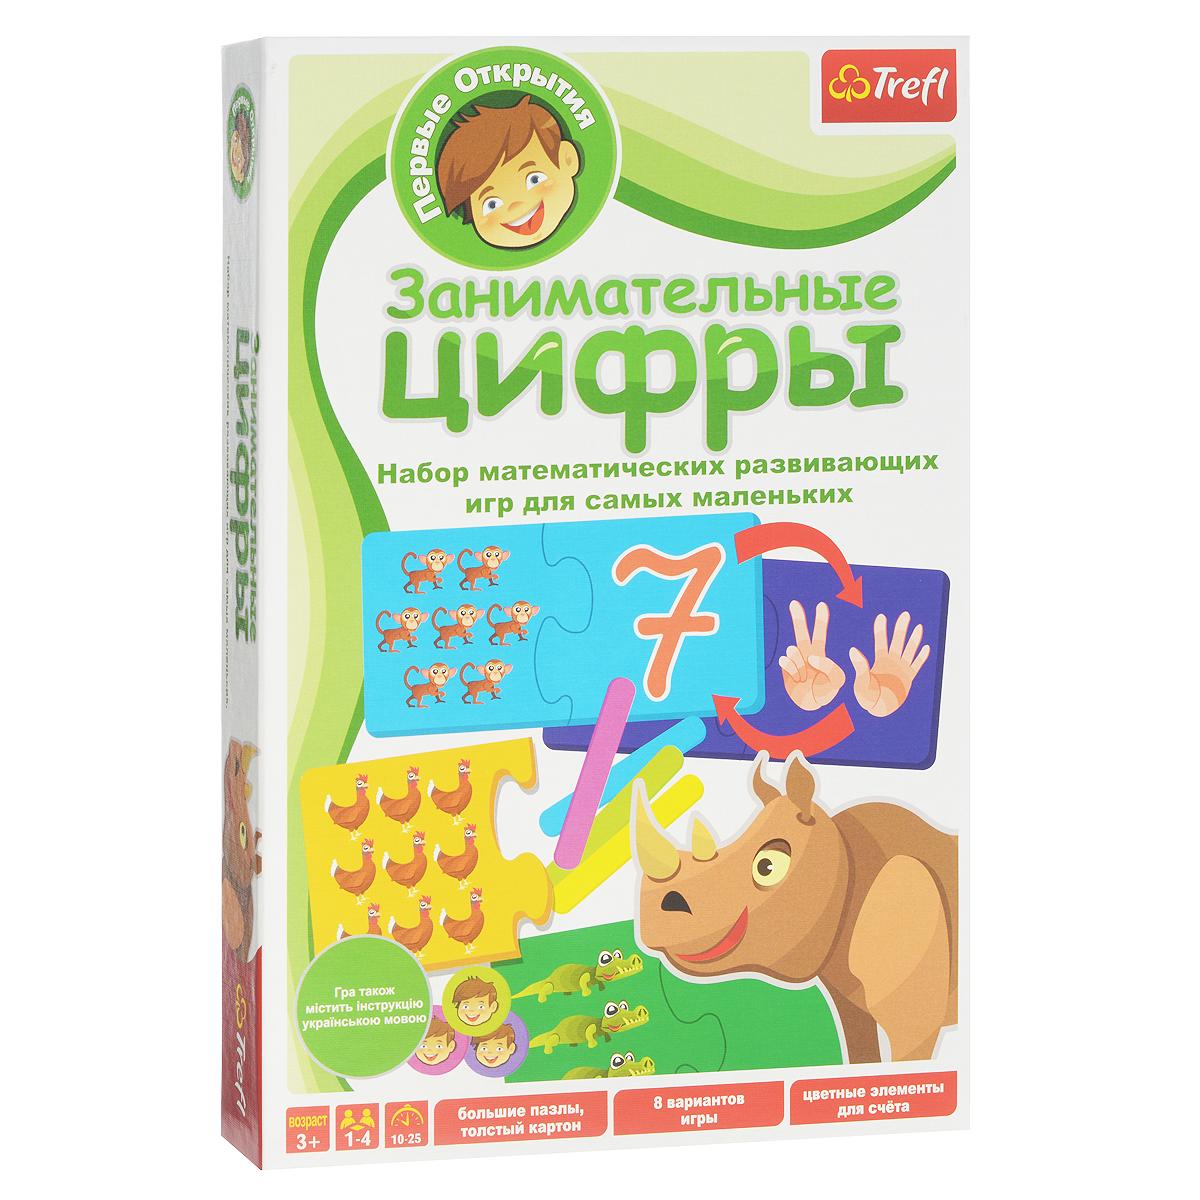 Развивающая игра Trefl Занимательные Цифры01103TРазвивающая игра Trefl Занимательные Цифры - это настольная игра для малышей от 3 лет. Эта игра поможет узнать о цифрах, получить представление об основах арифметики и простейших вычислениях. В комплект 30 карточек с буквами, 30 карточек с предметами, лист с загадками и инструкция на русском языке. Существует 8 различных вариантов игры: начинайте с самого простого, а когда малыш немного подрастет, переходите к более сложным. Например, в режиме Найди равенство вам предстоит соотнести цифру, изображенную на одной части карточки, с правильным количеством животных, нарисованных на другой части пазла. Позднее, играя с другими детьми, вы можете делать это на скорость: карточку получает тот, кто первым нашел нужную половину; собравший больше всех карточек признается победителем. Это простая, но невероятно увлекательная игра, которая гарантирует детям массу позитивных эмоций и заряд хорошего настроения. Она способствует развитию творческого мышления, познавательных...